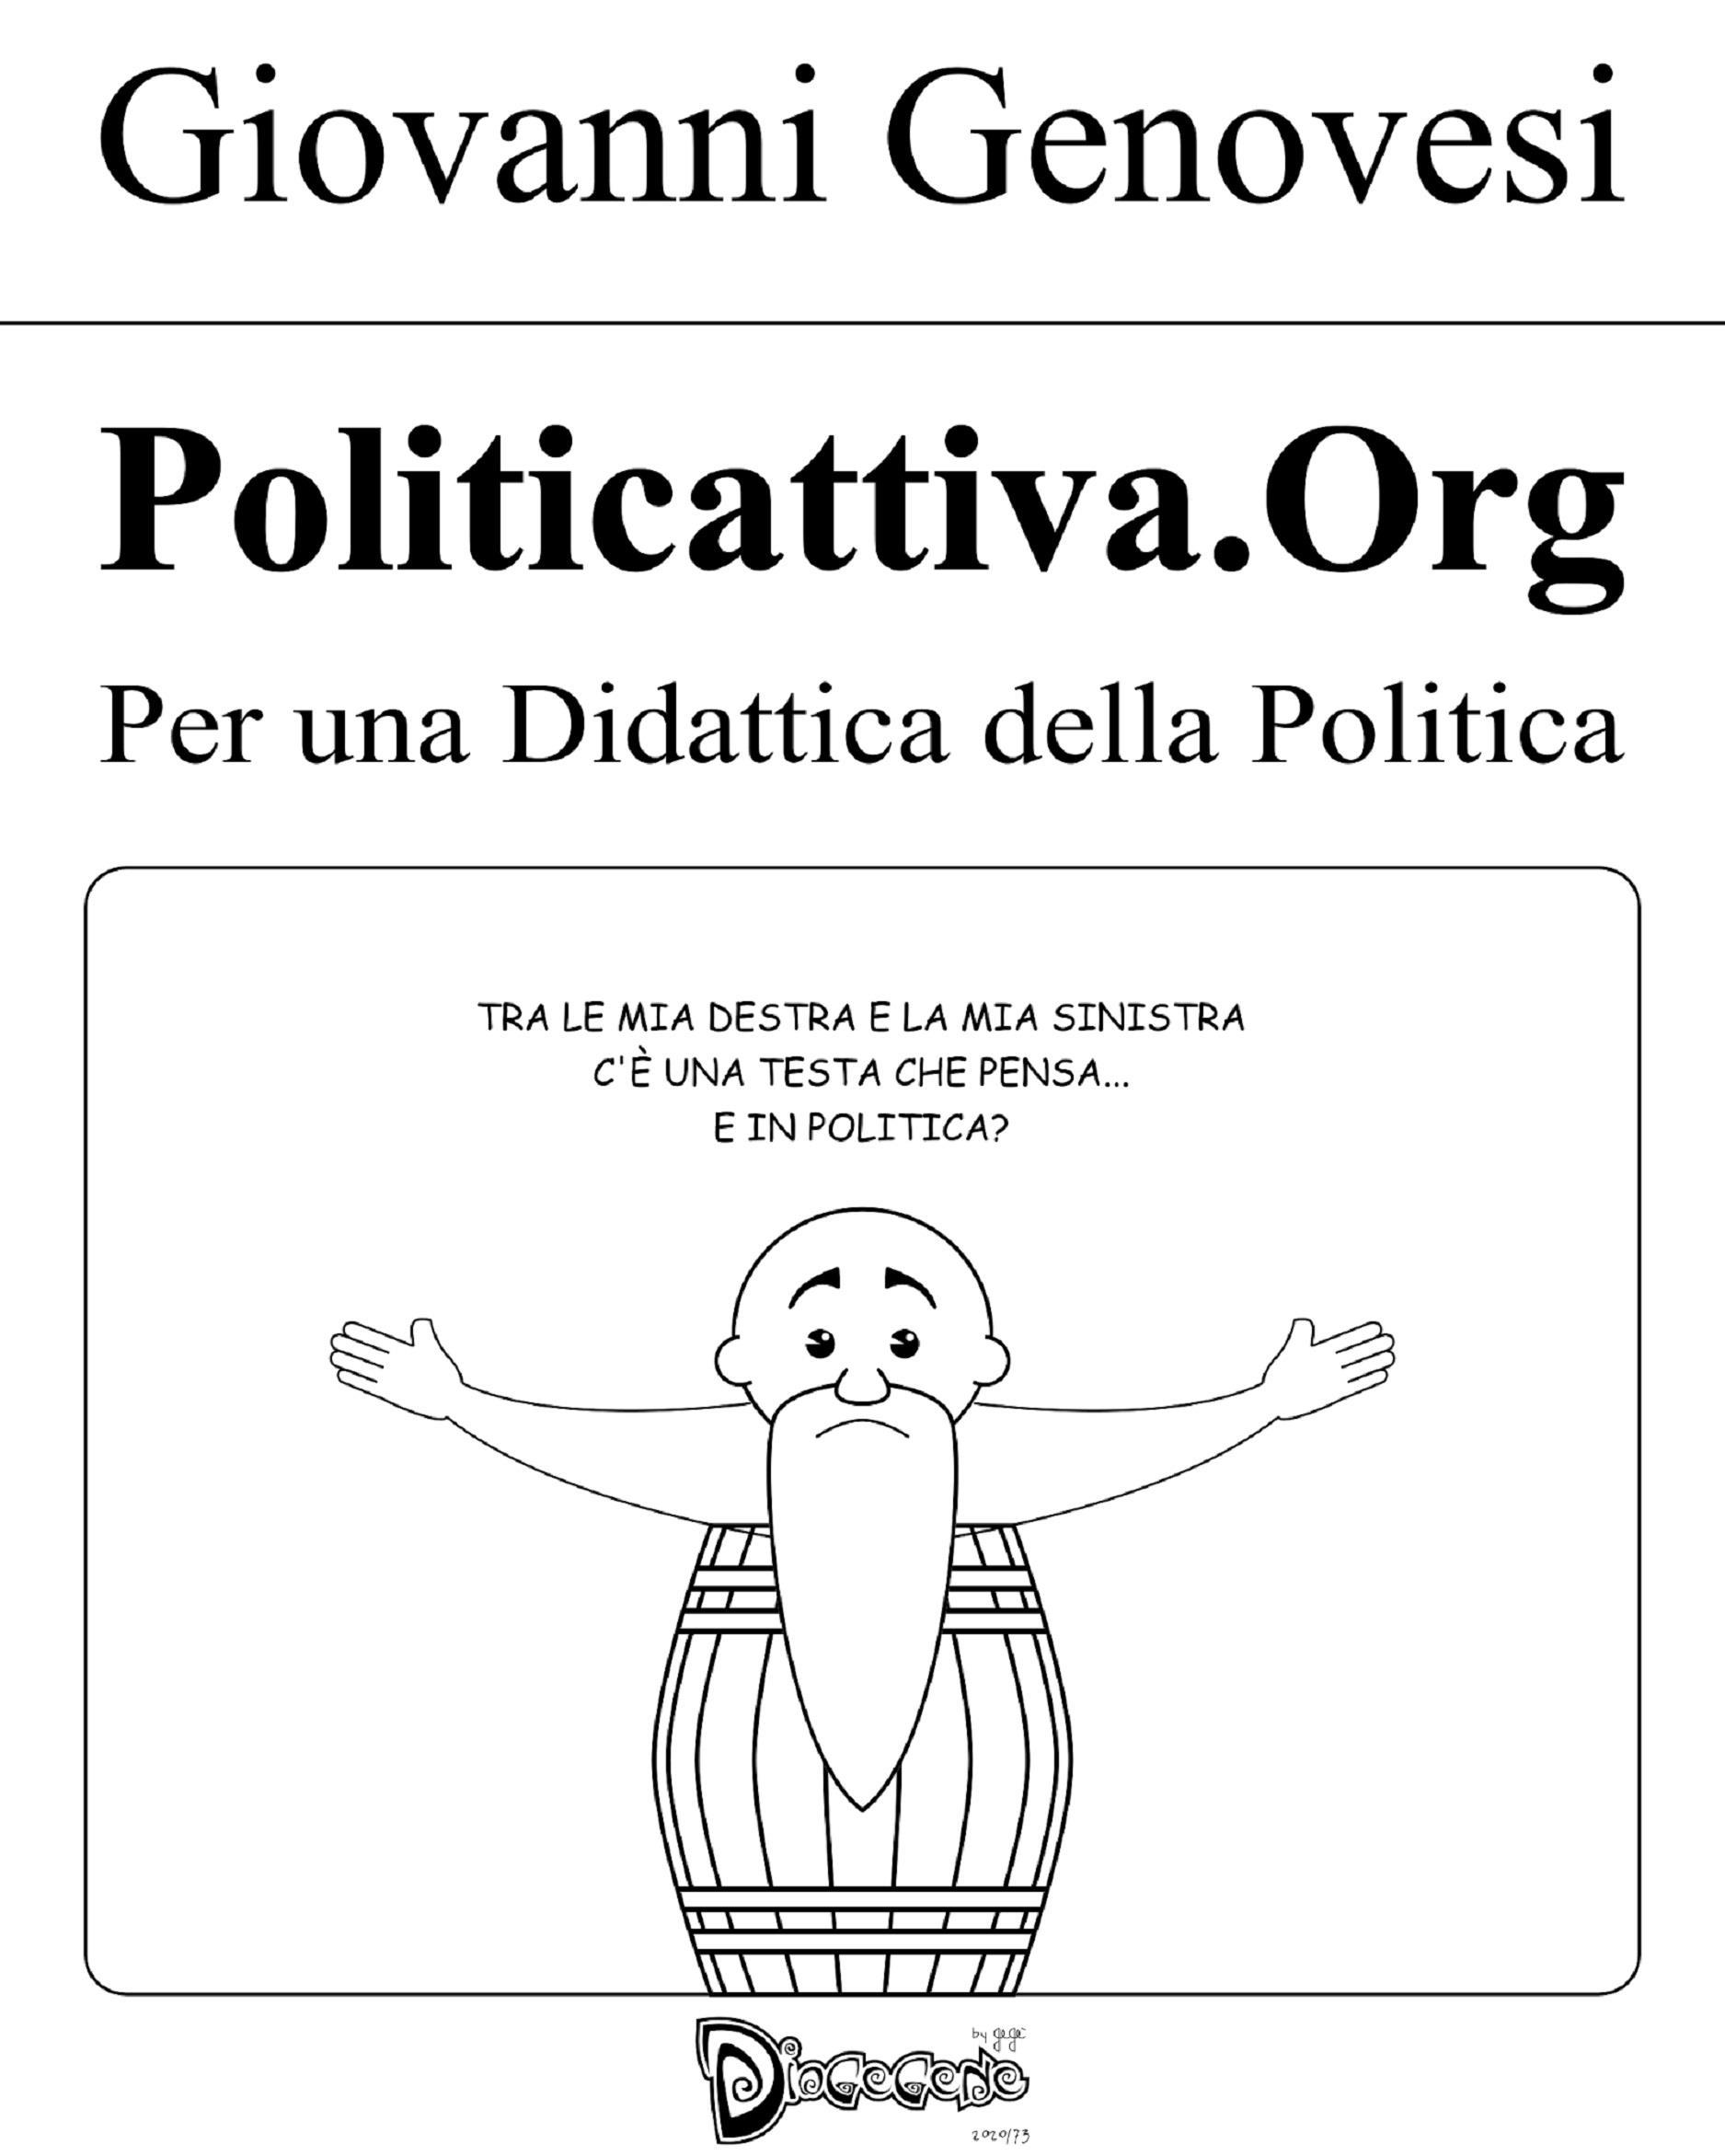 Politicattiva.org - Per una didattica della politica